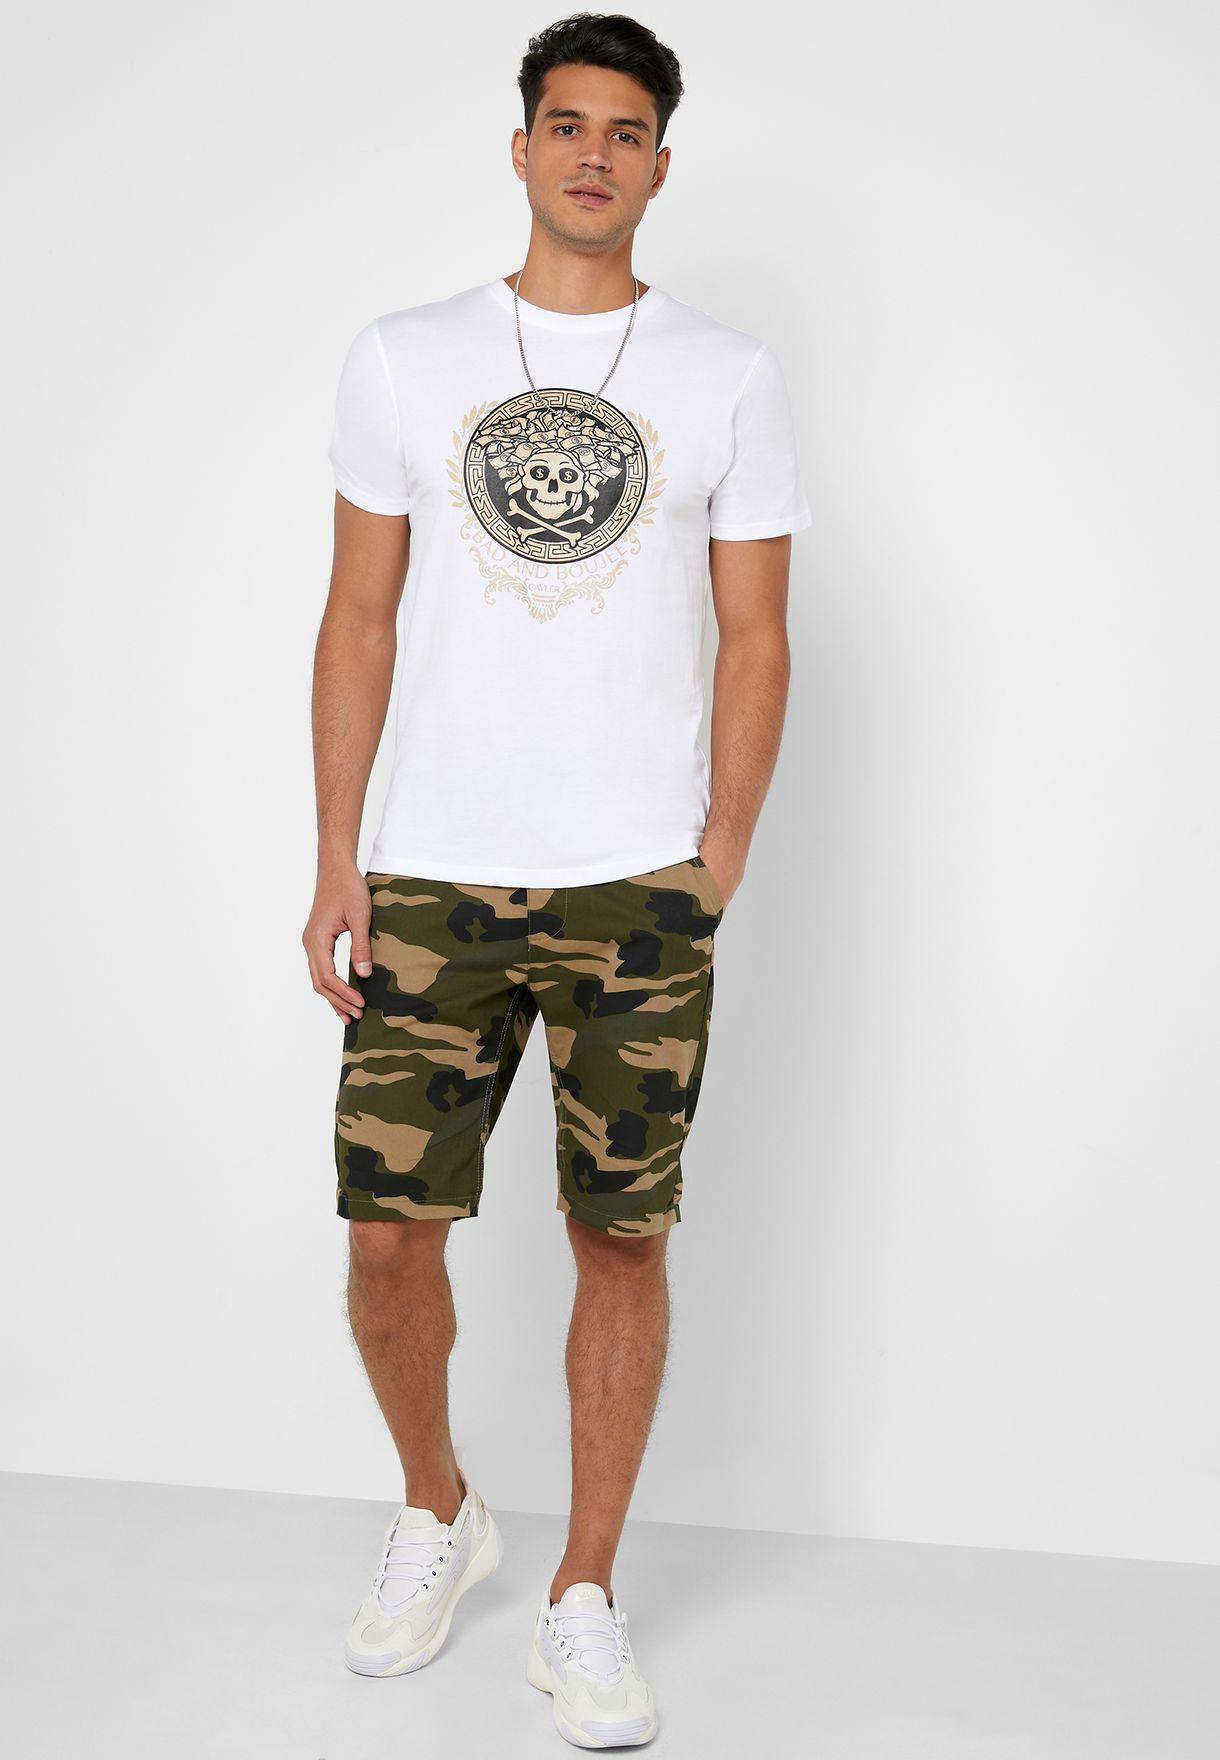 Badusa T-Shirt